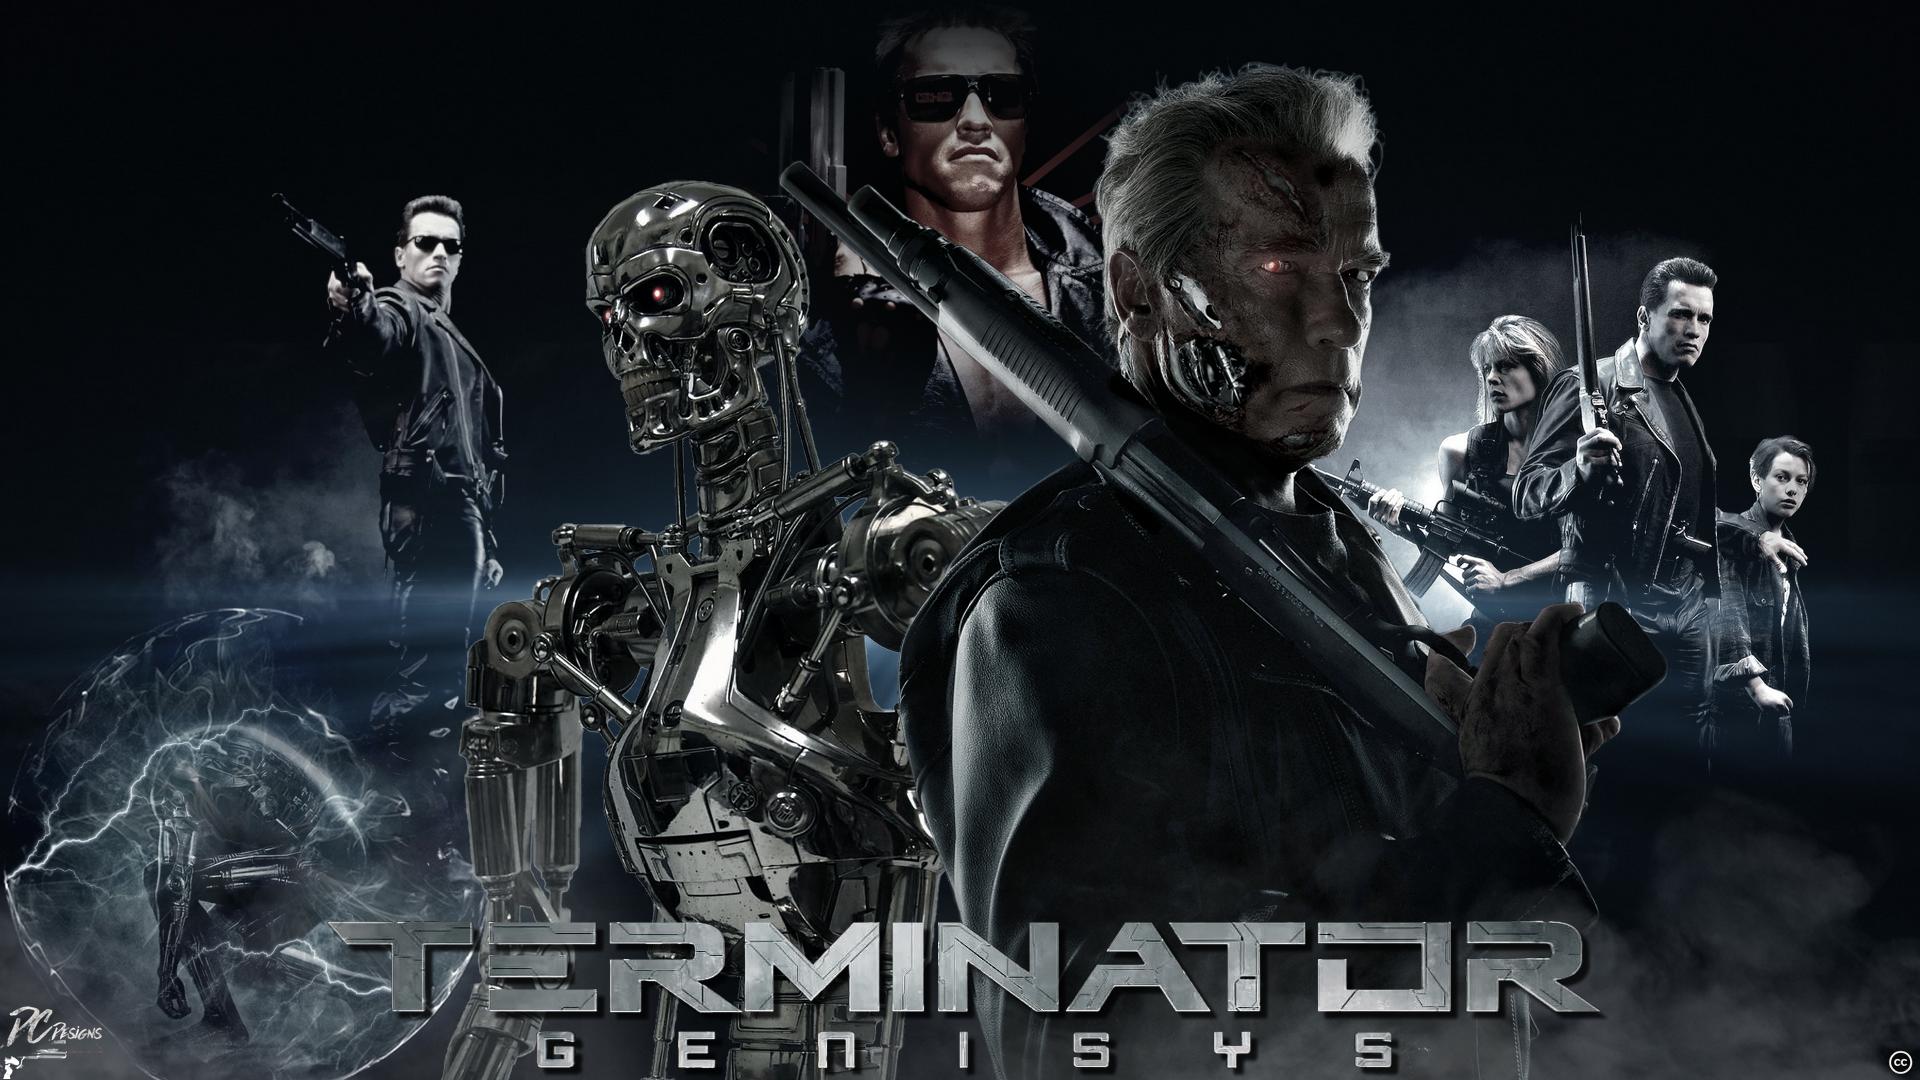 Terminatorgénesis Podría Ser Un Fracaso De épicas Proporciones